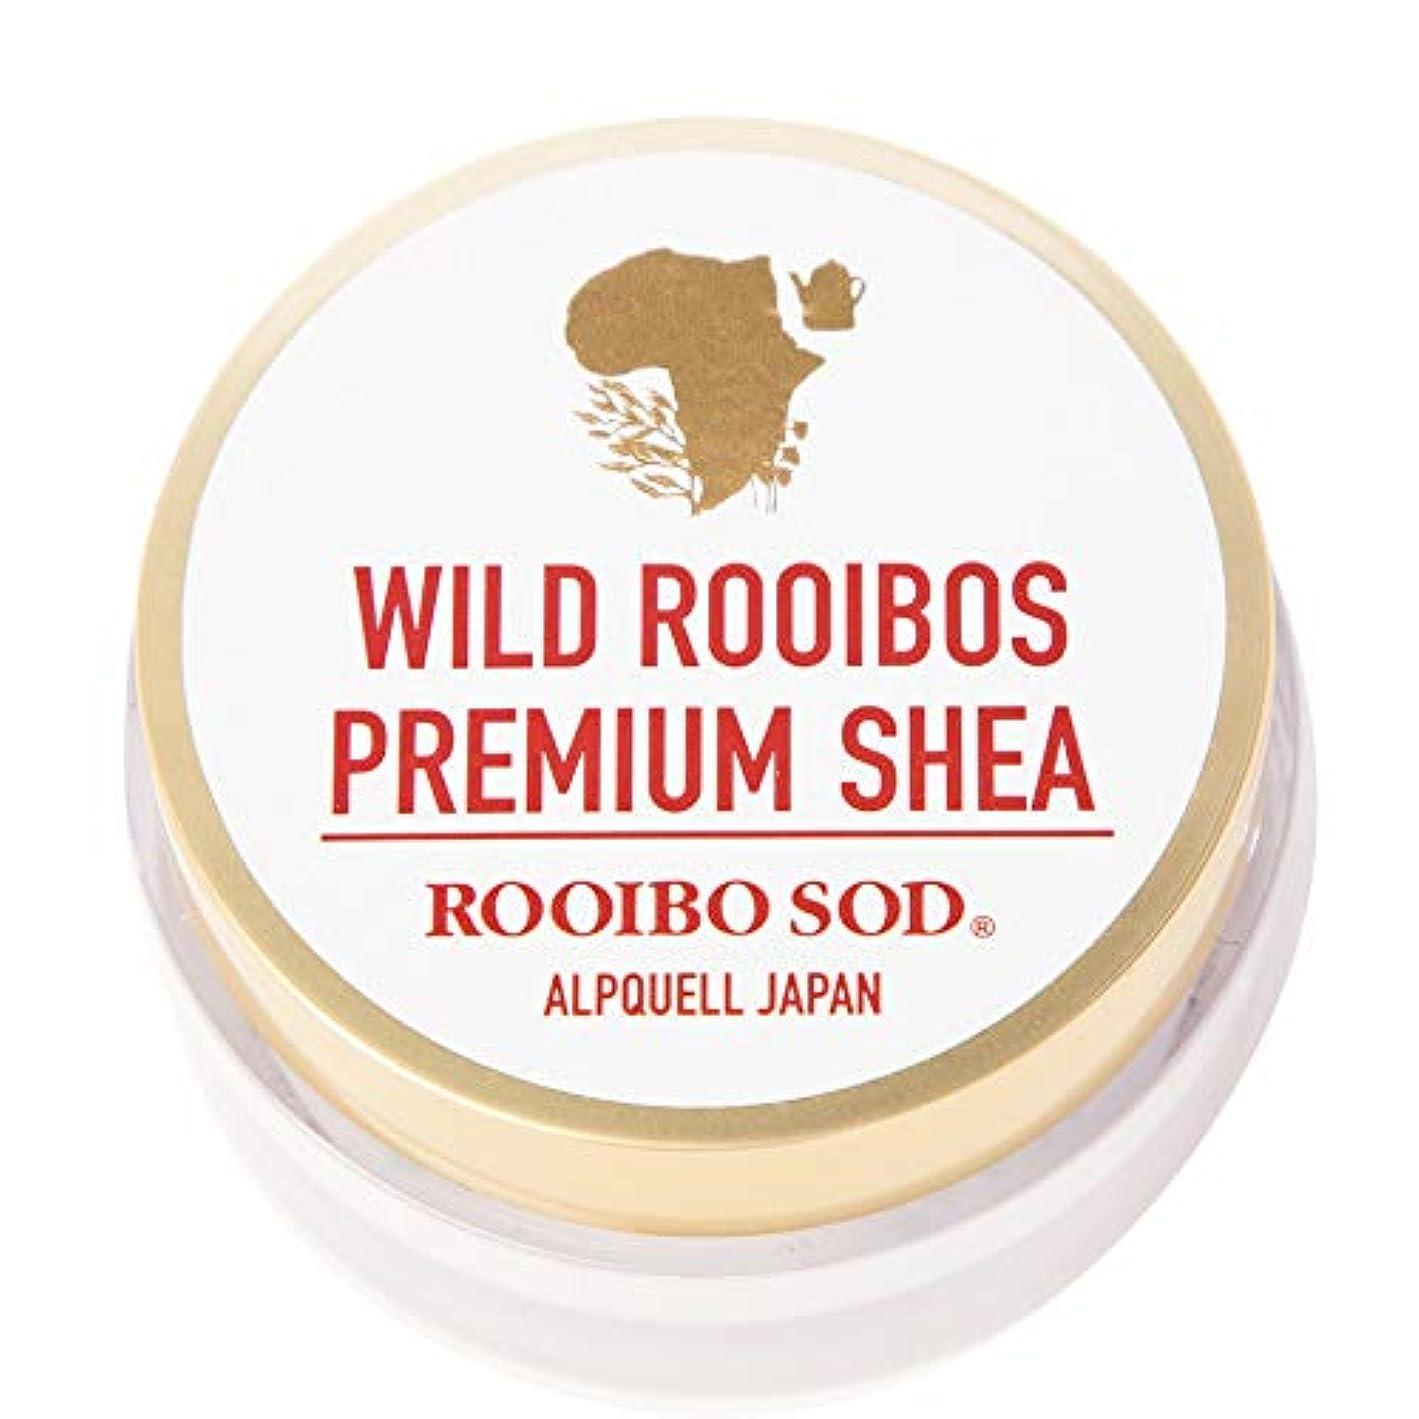 言うまでもなく大胆シットコムROOIBO SOD ルイボソード プレミアムシアクリーム シア脂 ルイボスエキス配合 無添加、天然成分100%